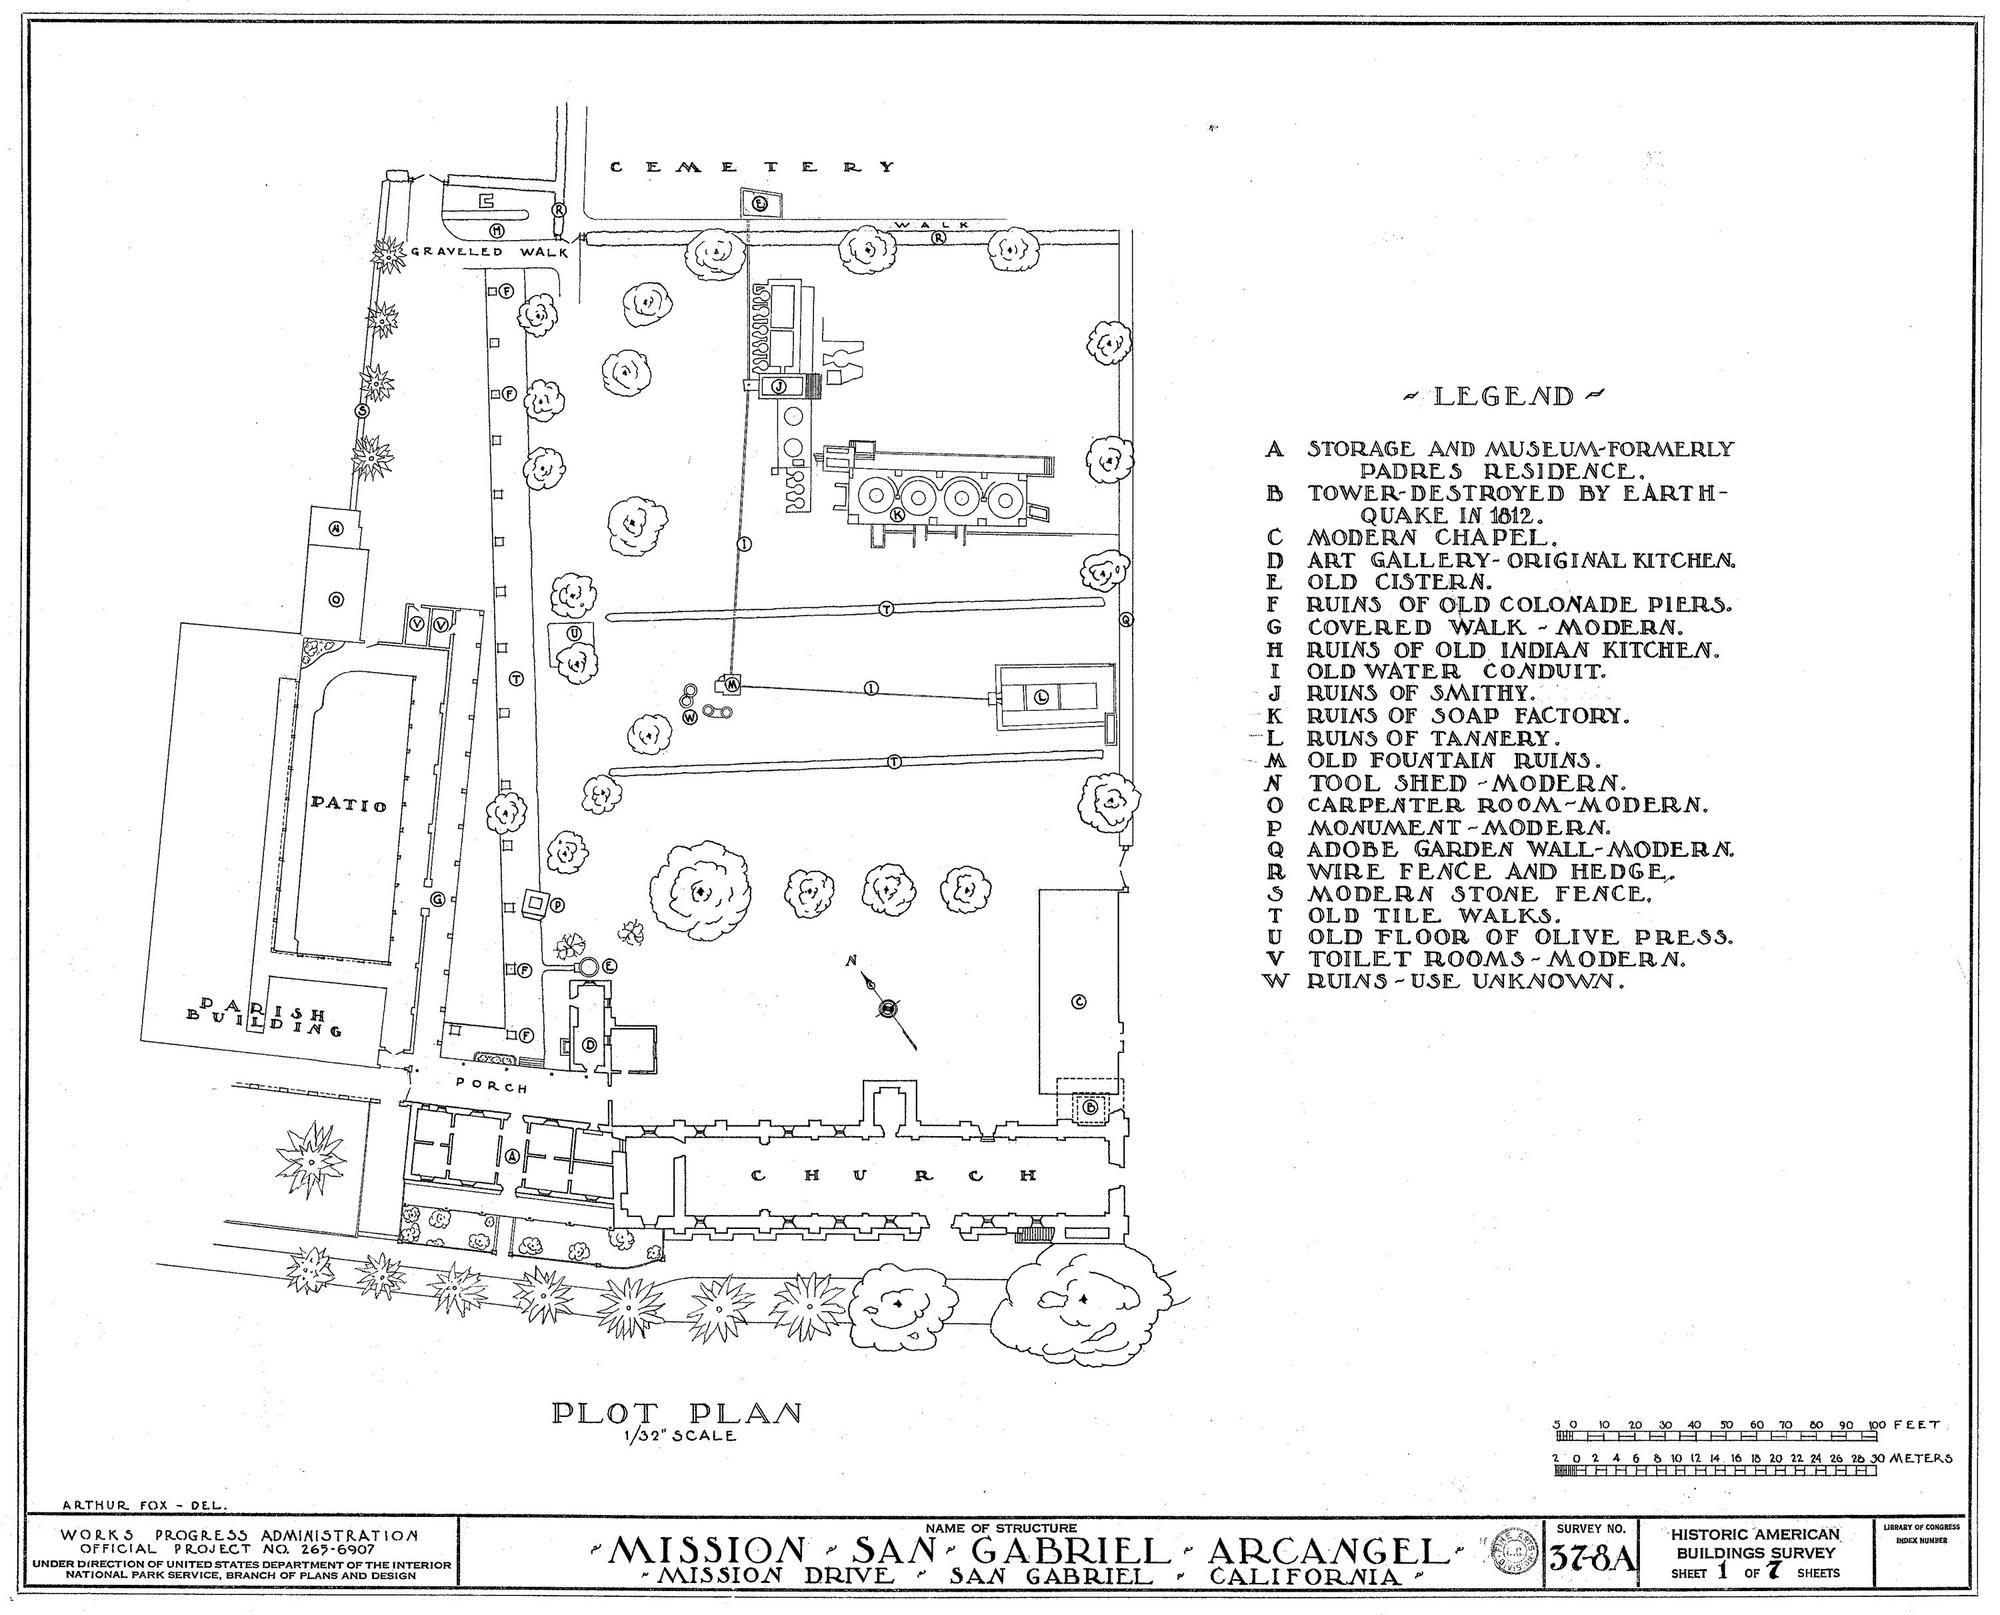 04 Plot Plan Of San Gabriel Web 0 2 000 1 615 Pixels